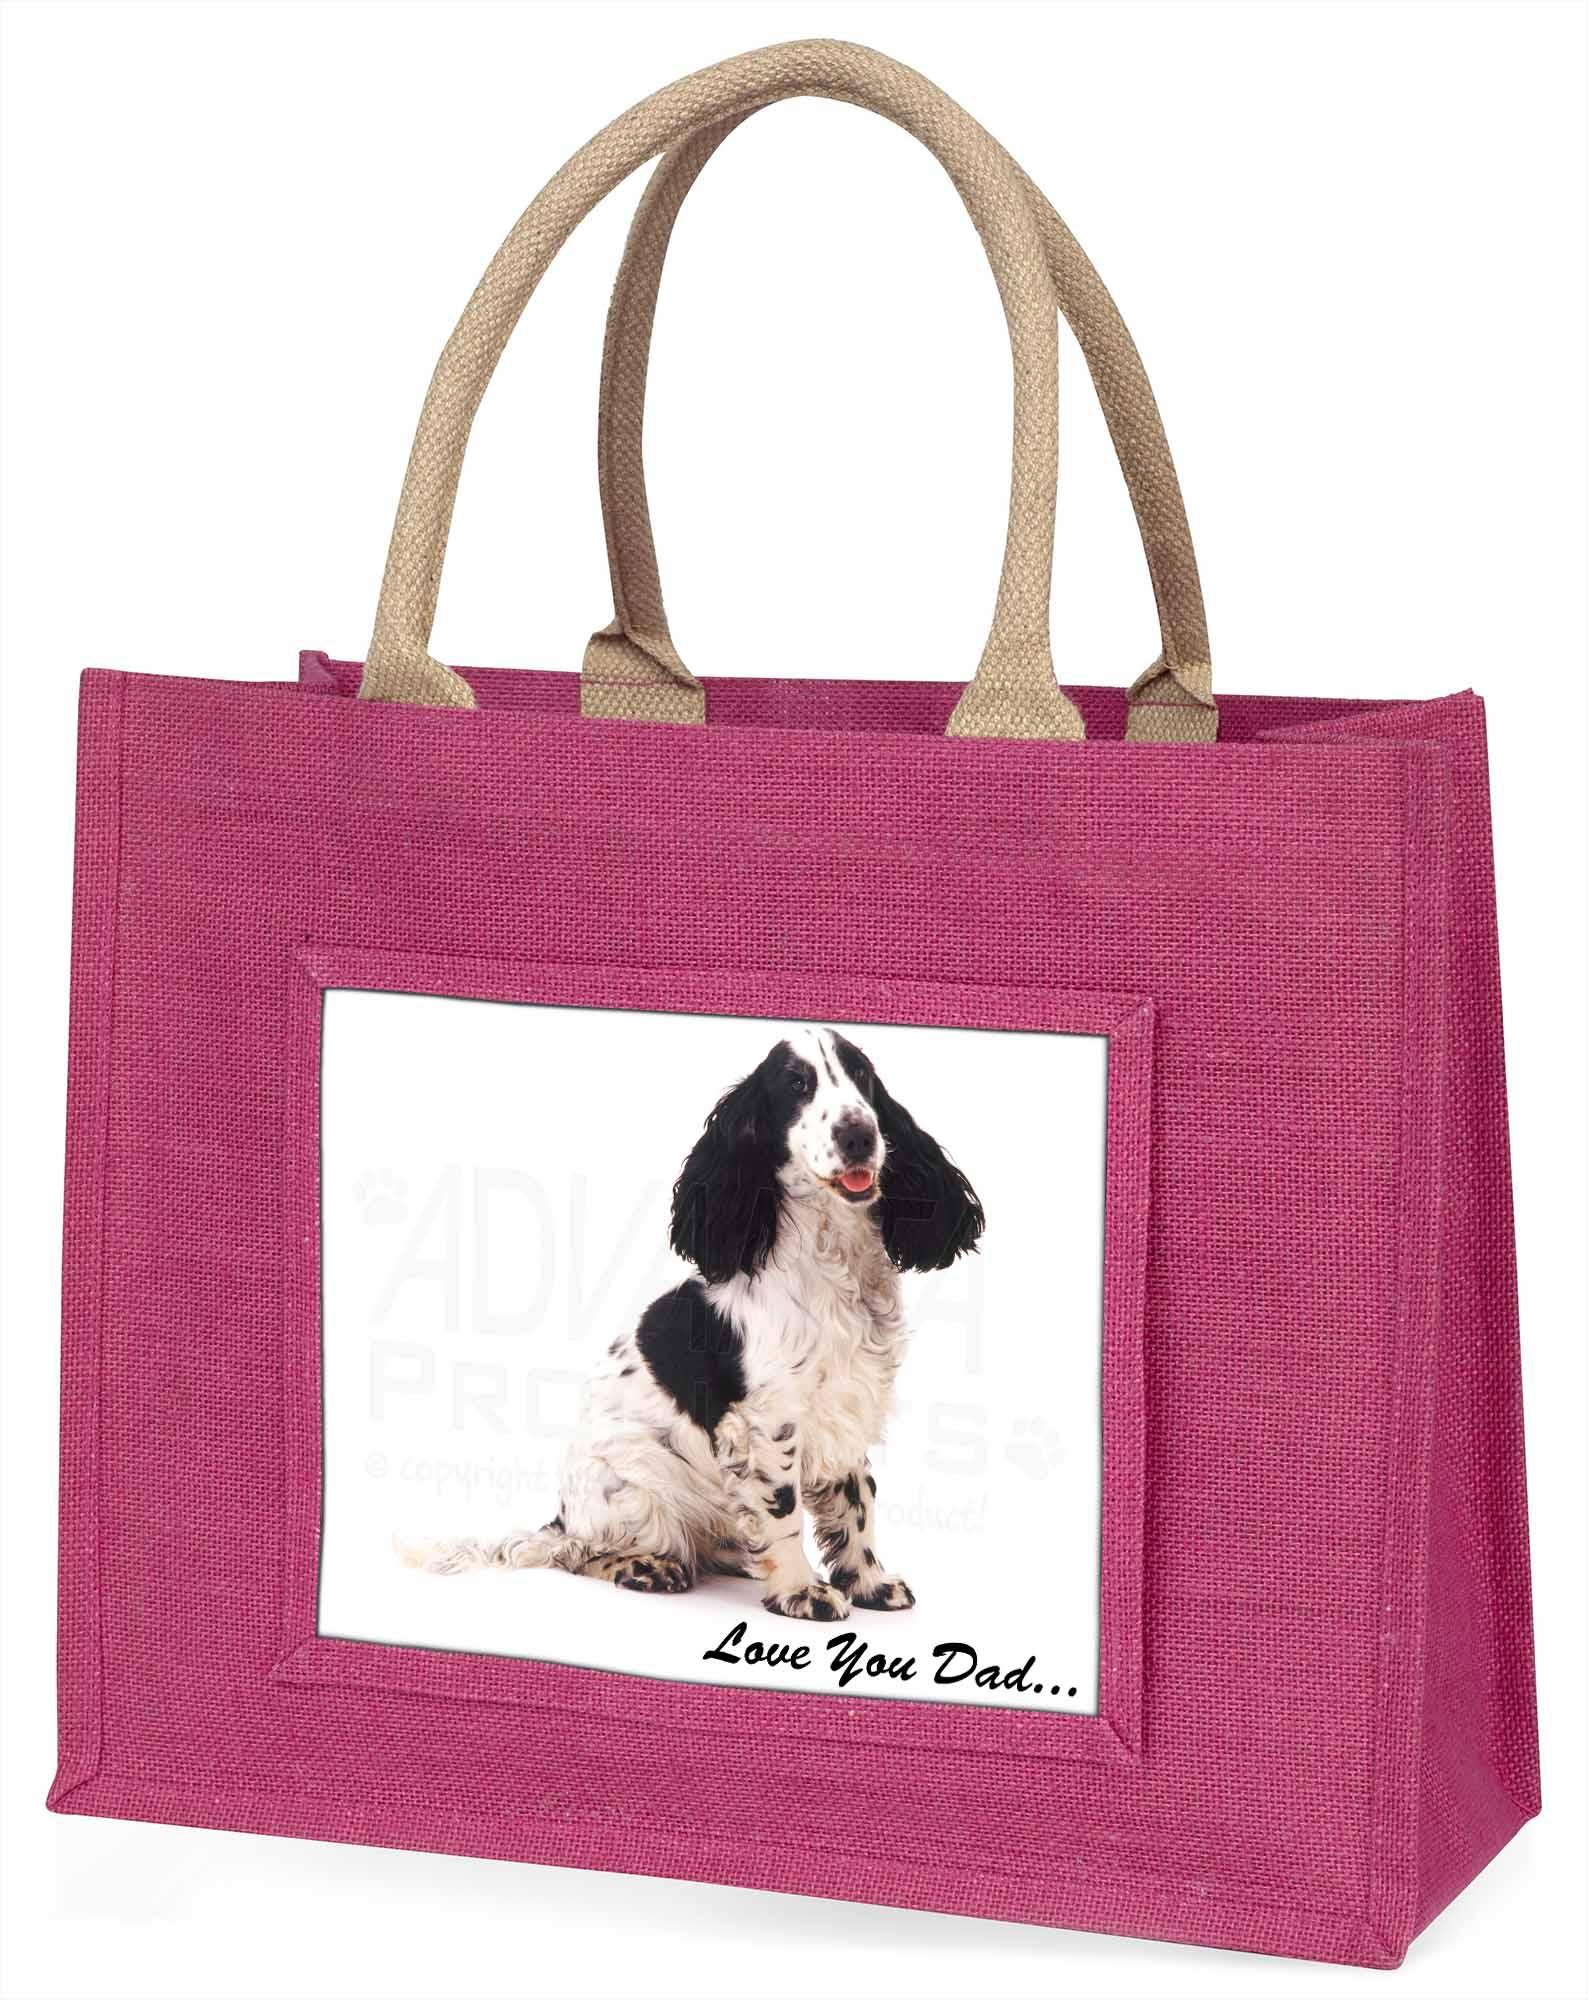 Cocker Spaniel' liebe Dich Papa' große rosa Einkaufstasche Weihnachten Geschenk,